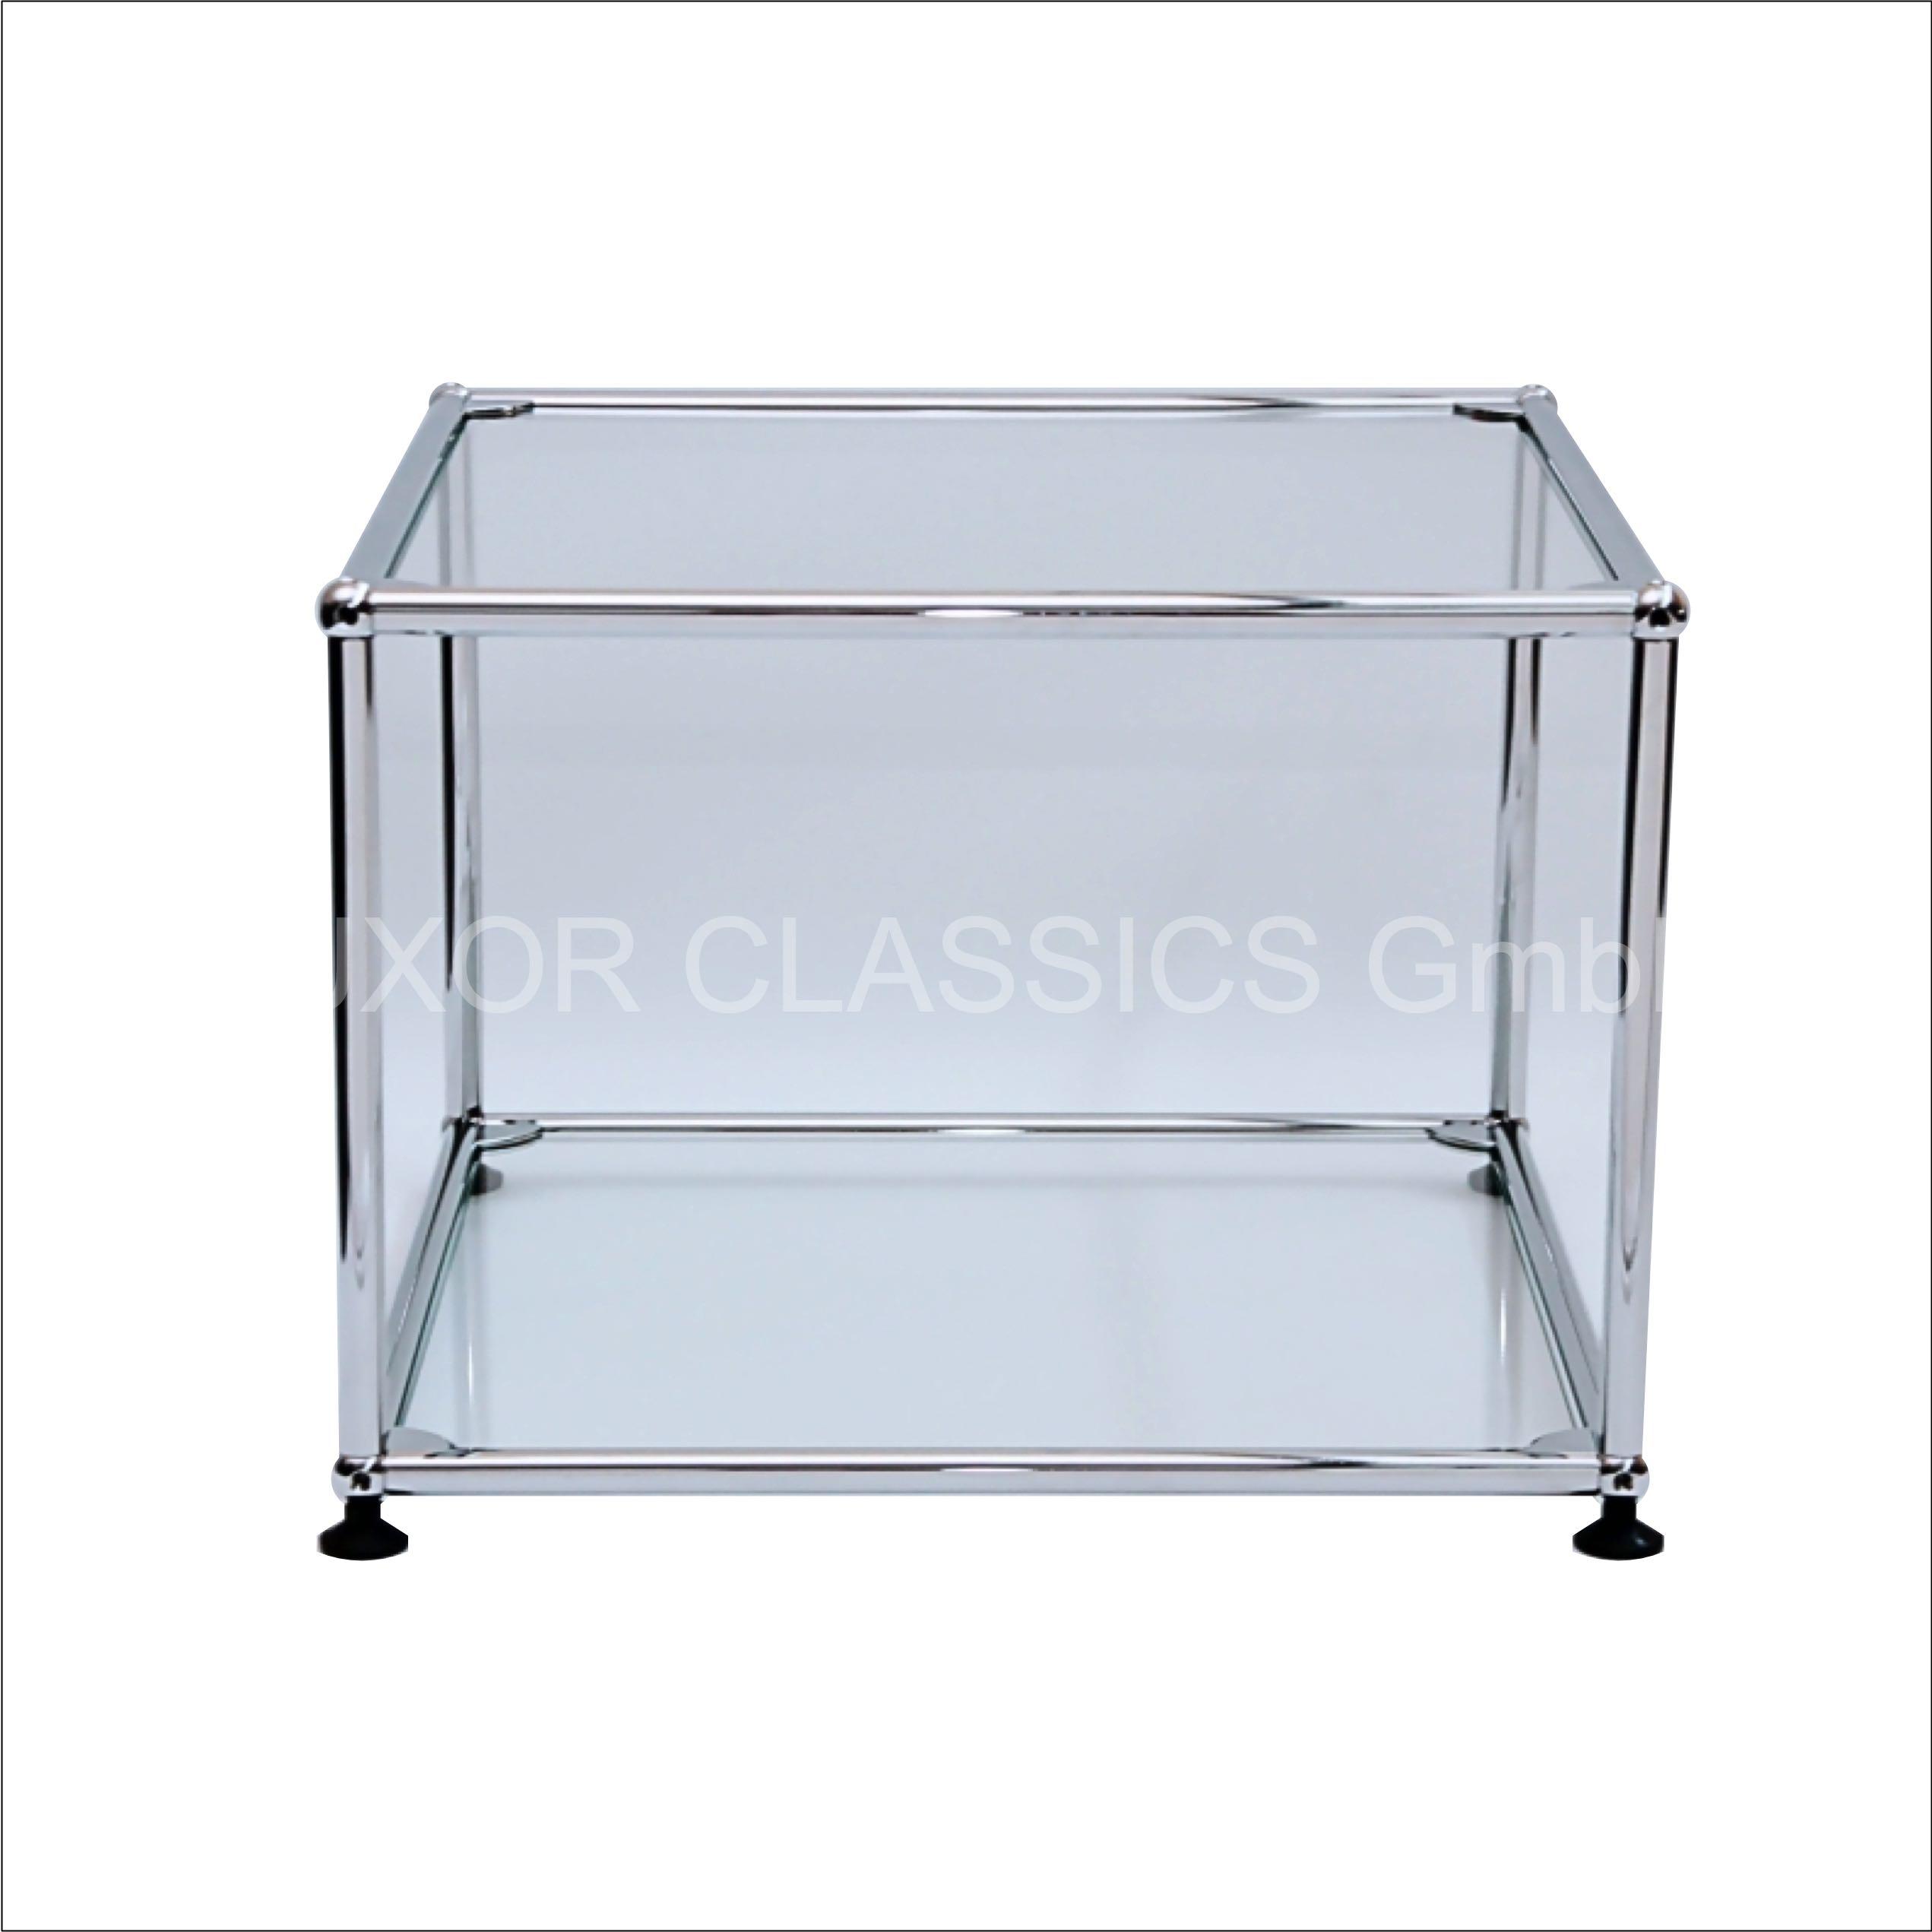 Aktion Usm Haller Beistelltisch Glas Luxor Classics